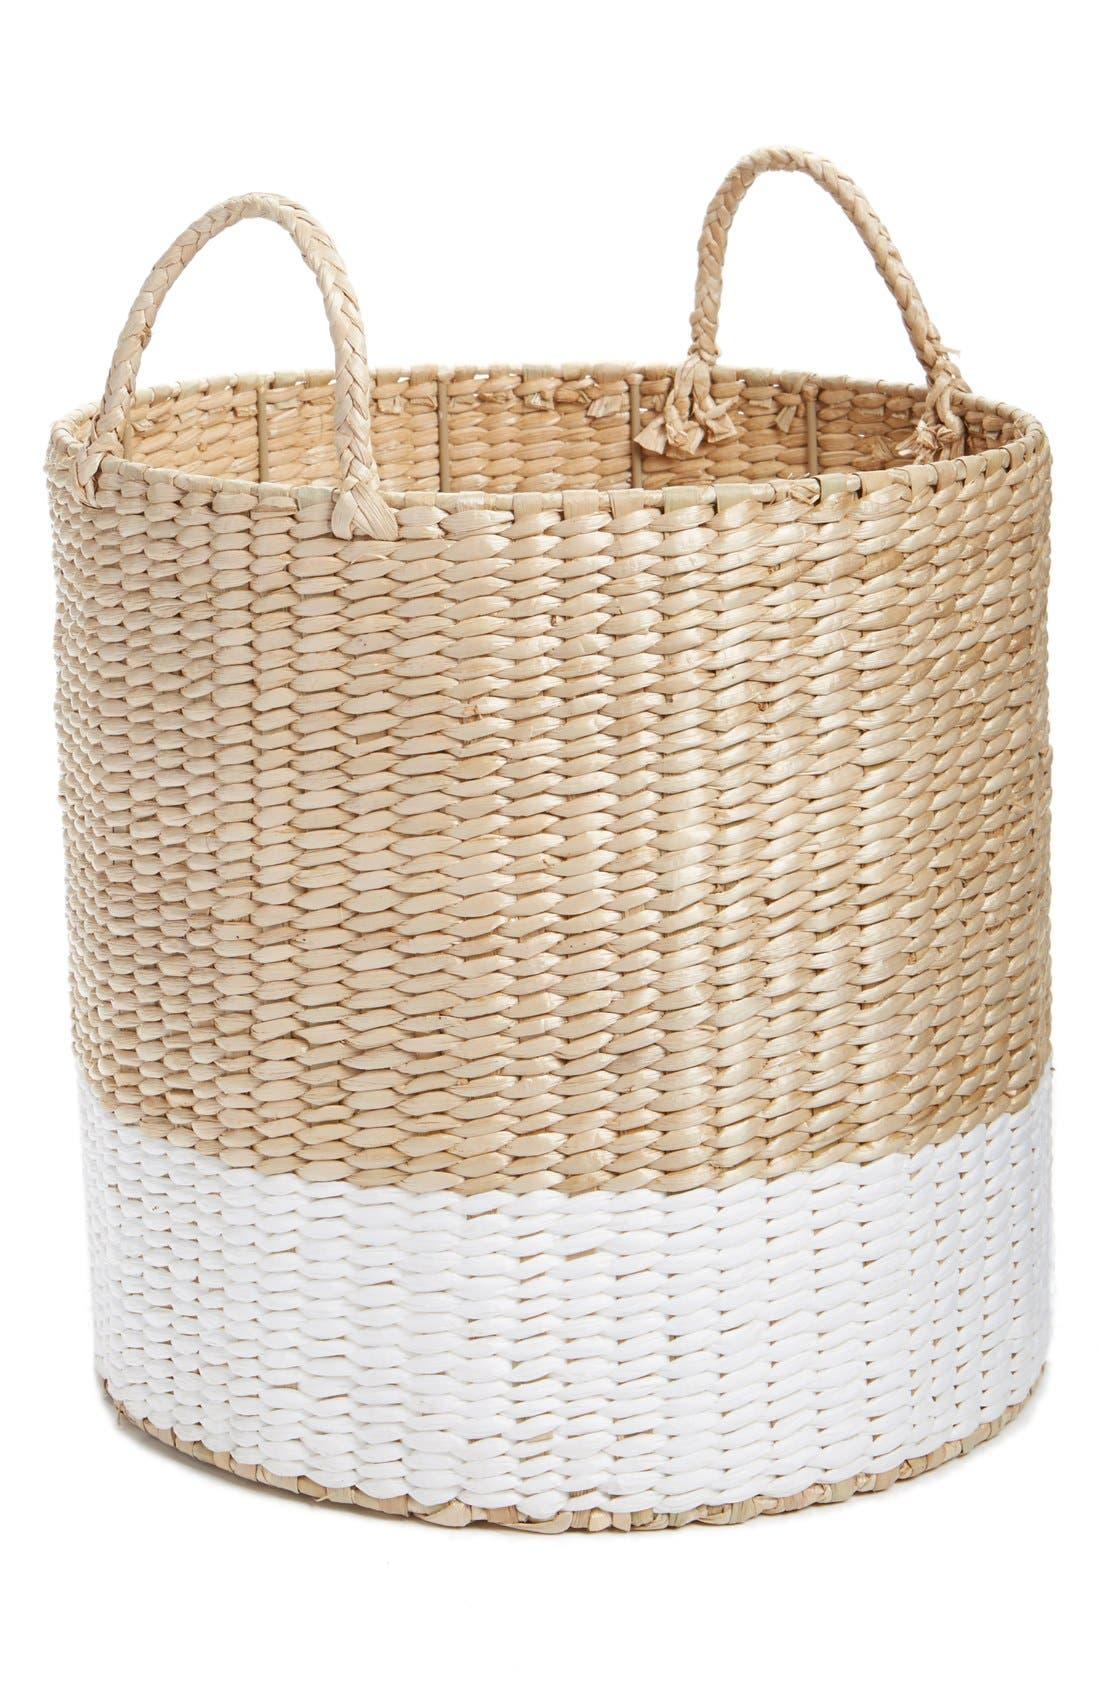 Straw Basket,                             Main thumbnail 1, color,                             Natural/ White